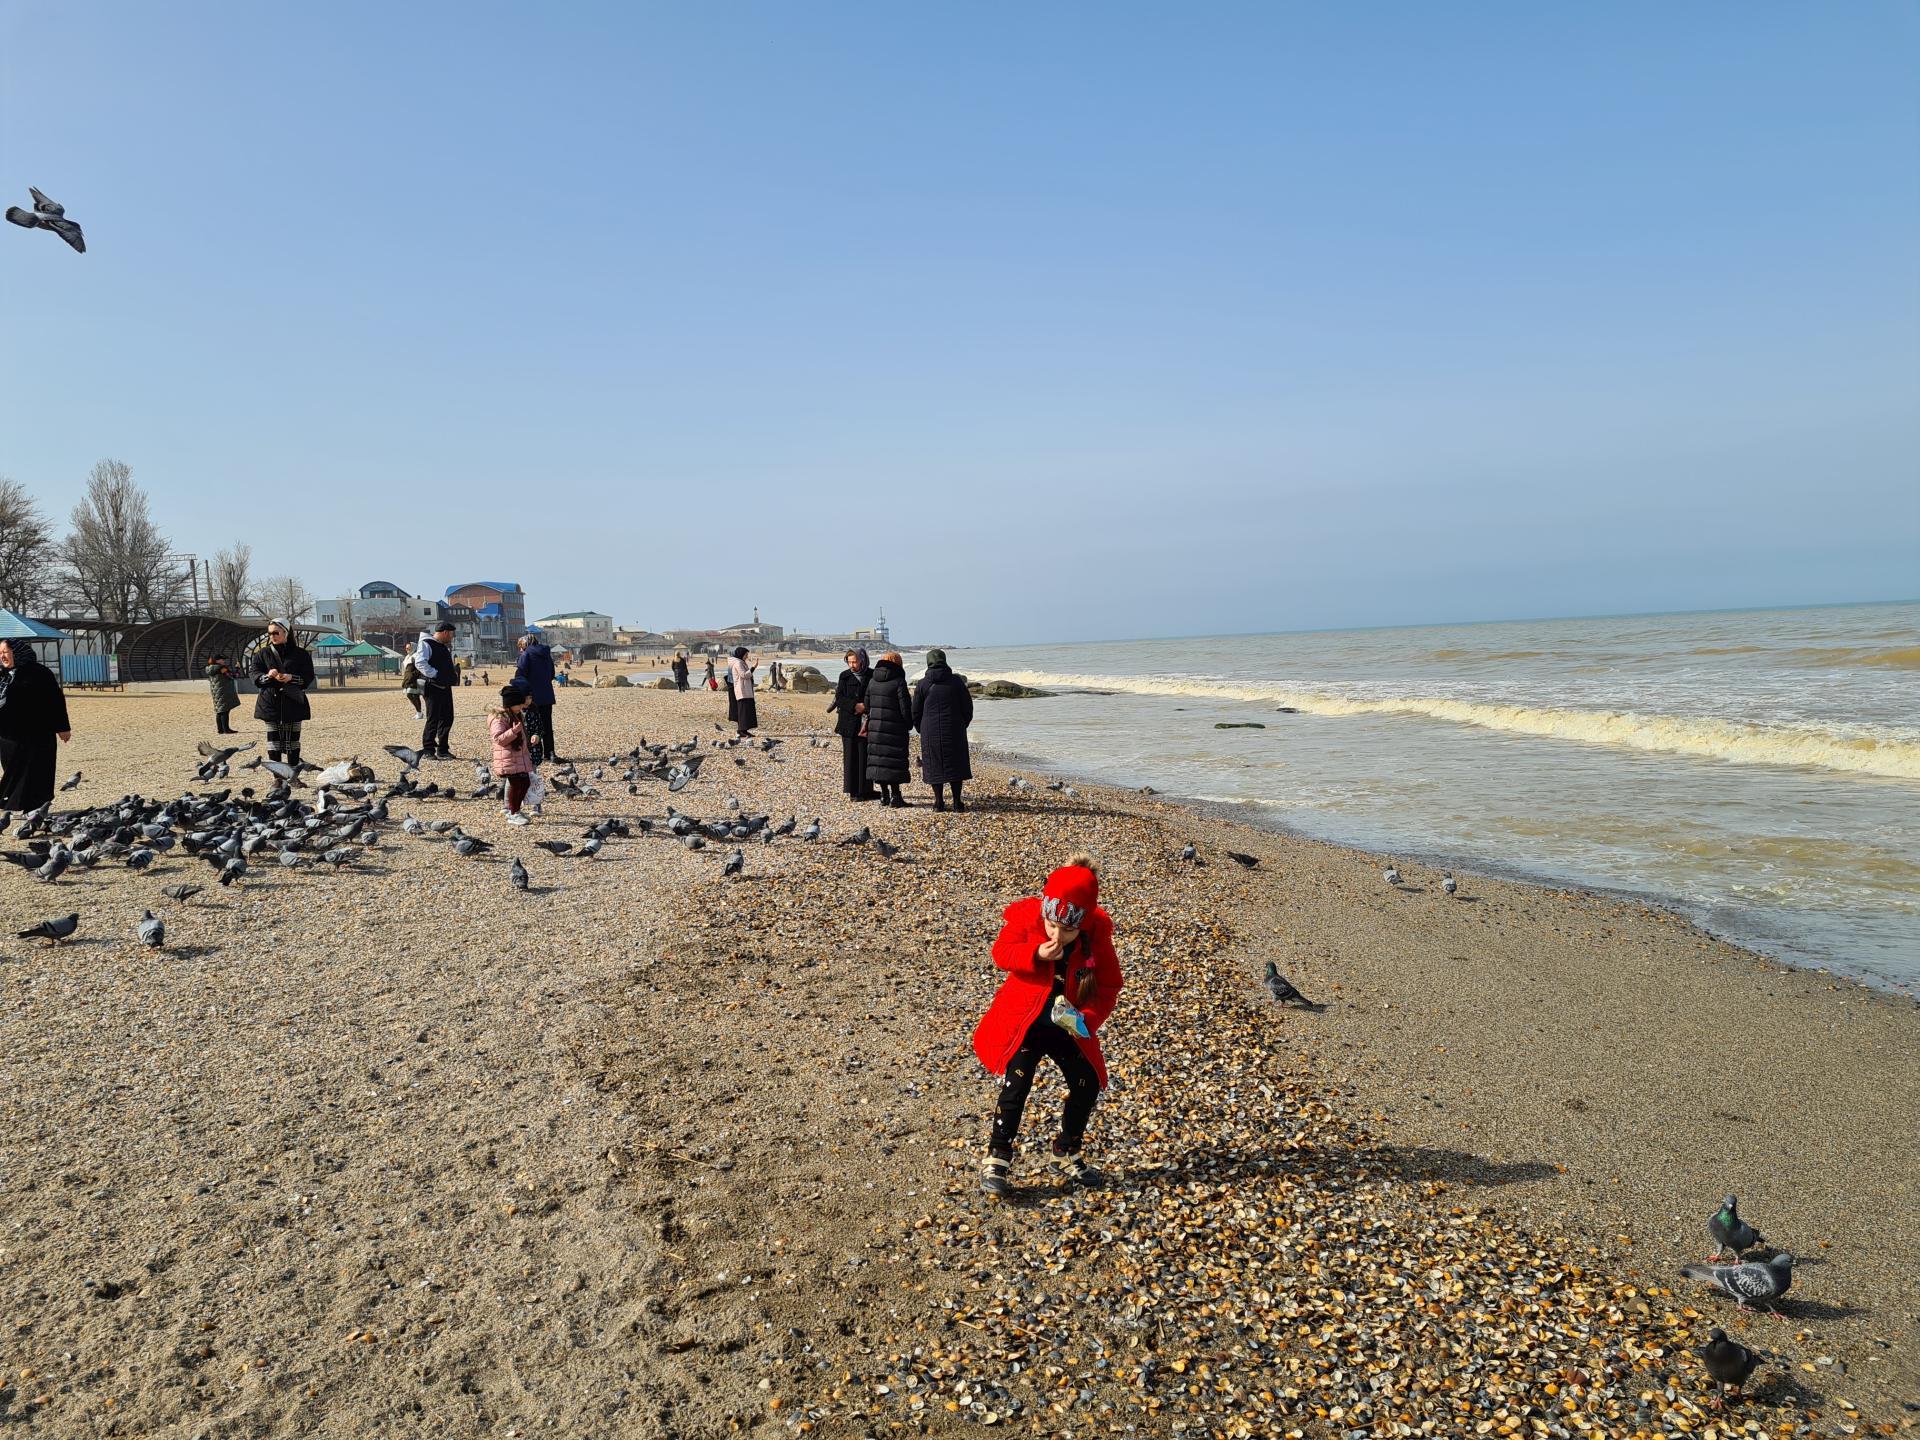 народ на пляже Махачкалы